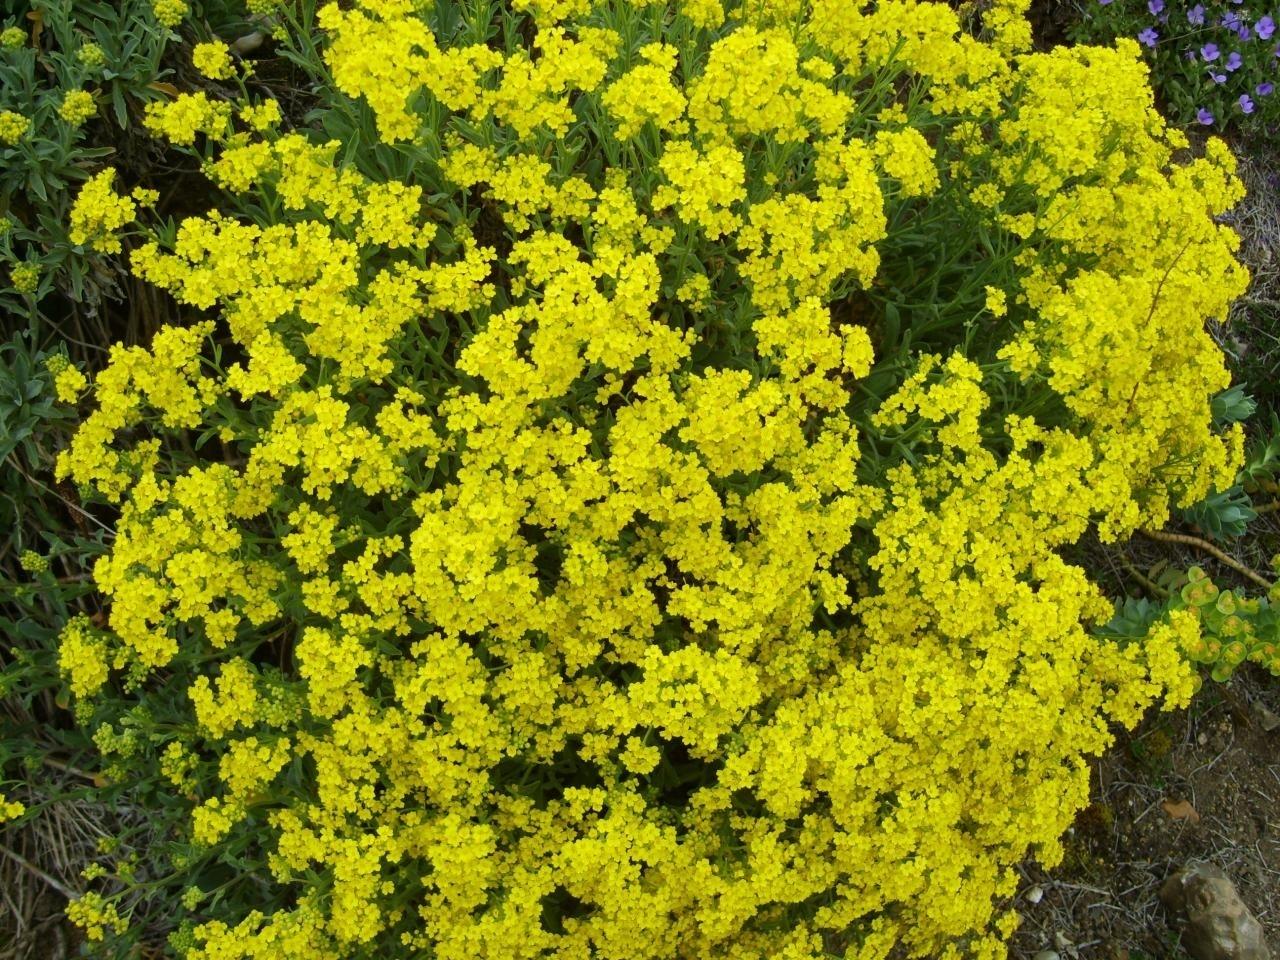 Piante erbacee perenni piante perenni caratteristiche for Piante verdi perenni da giardino